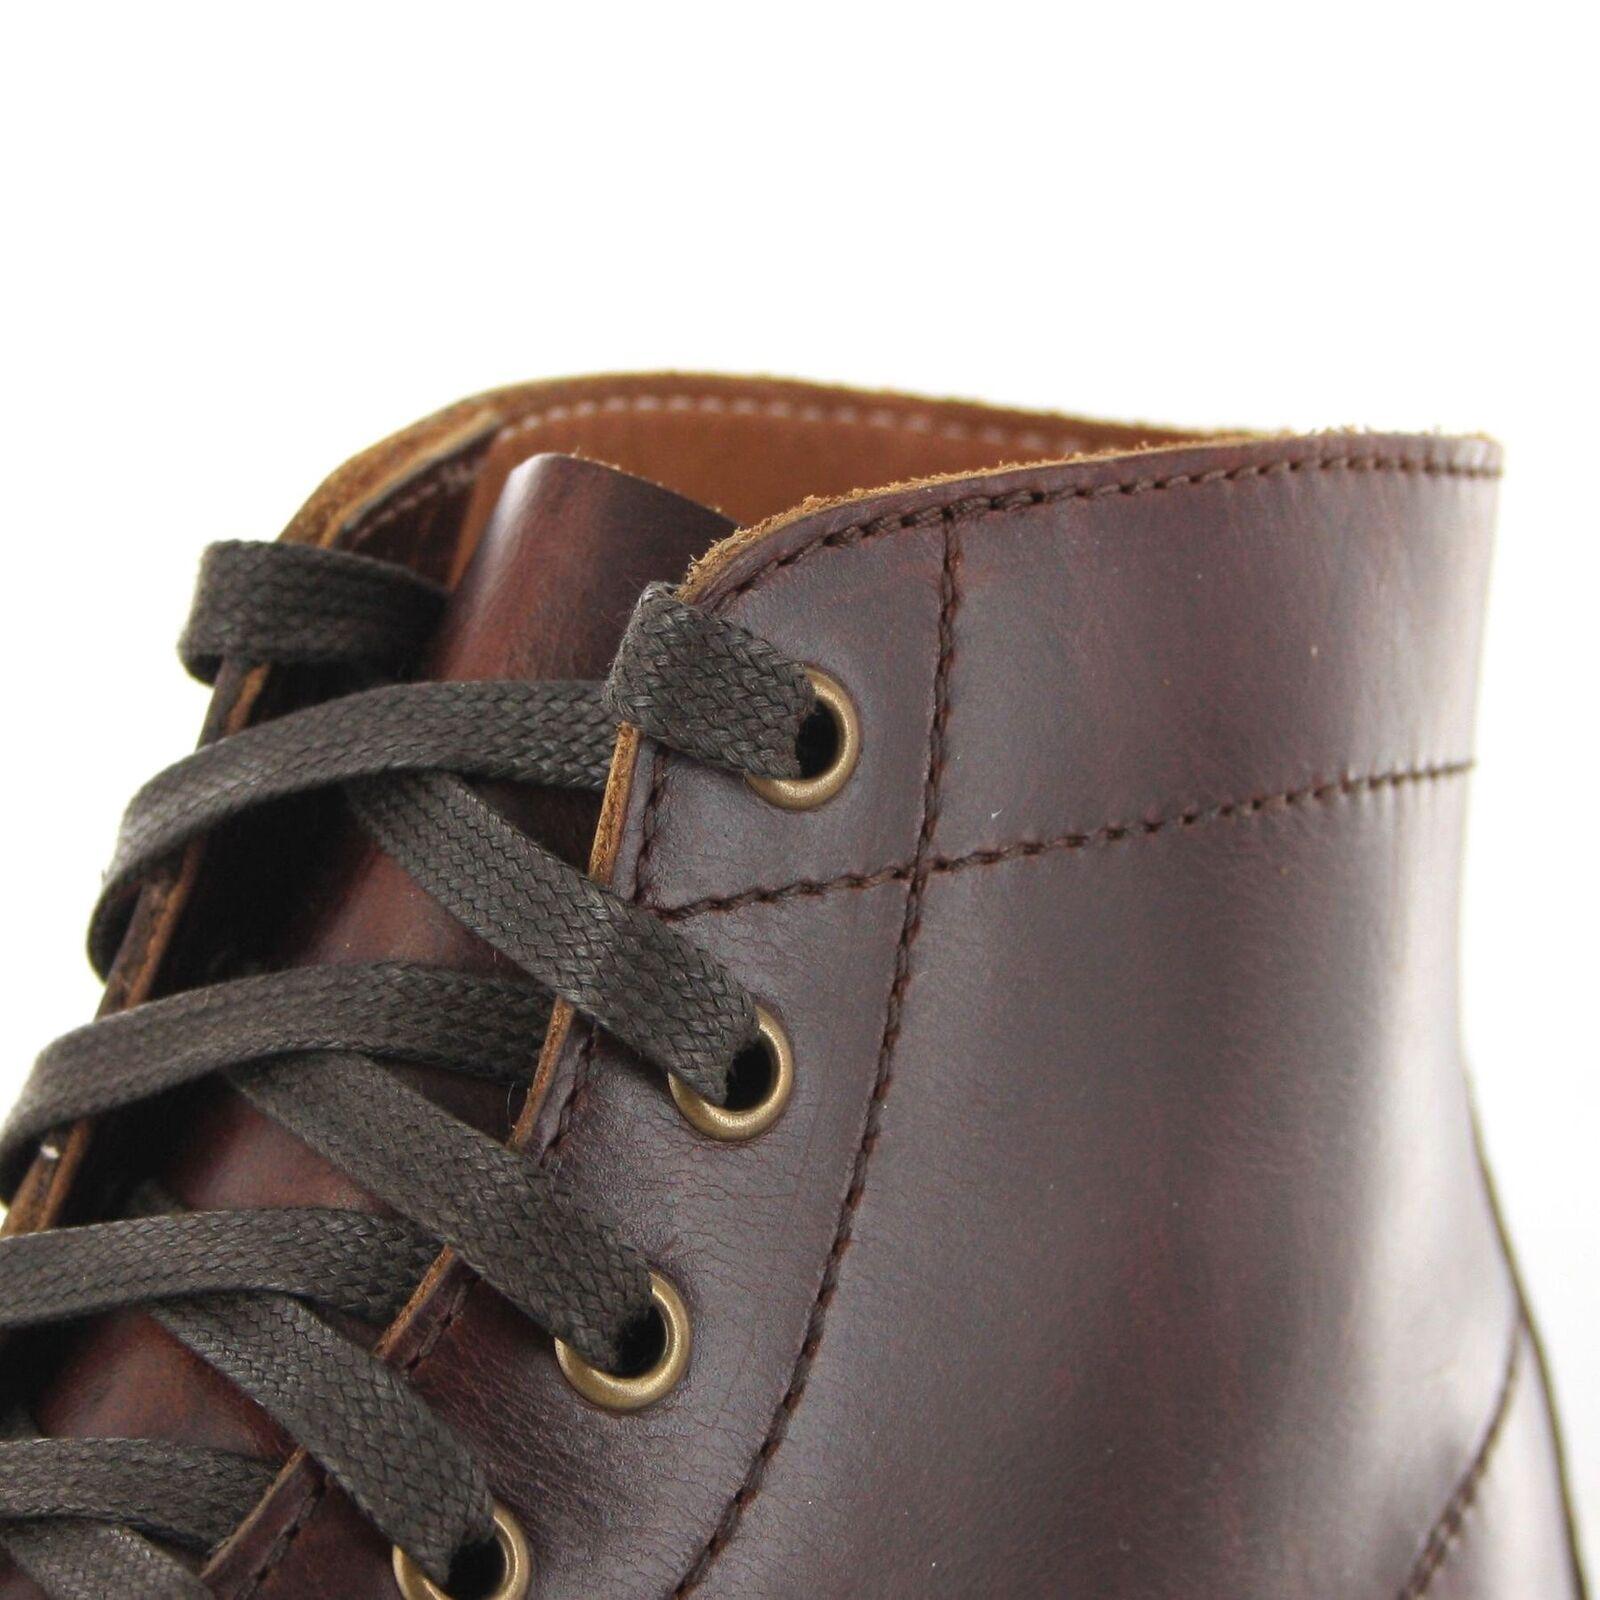 Sendra stivali 14893 SEAHORSE Stivaletto stringato per uomo Marroneee Marroneee Marroneee Stivaletti moctoe | Durevole  | Uomini/Donna Scarpa  3a53c6